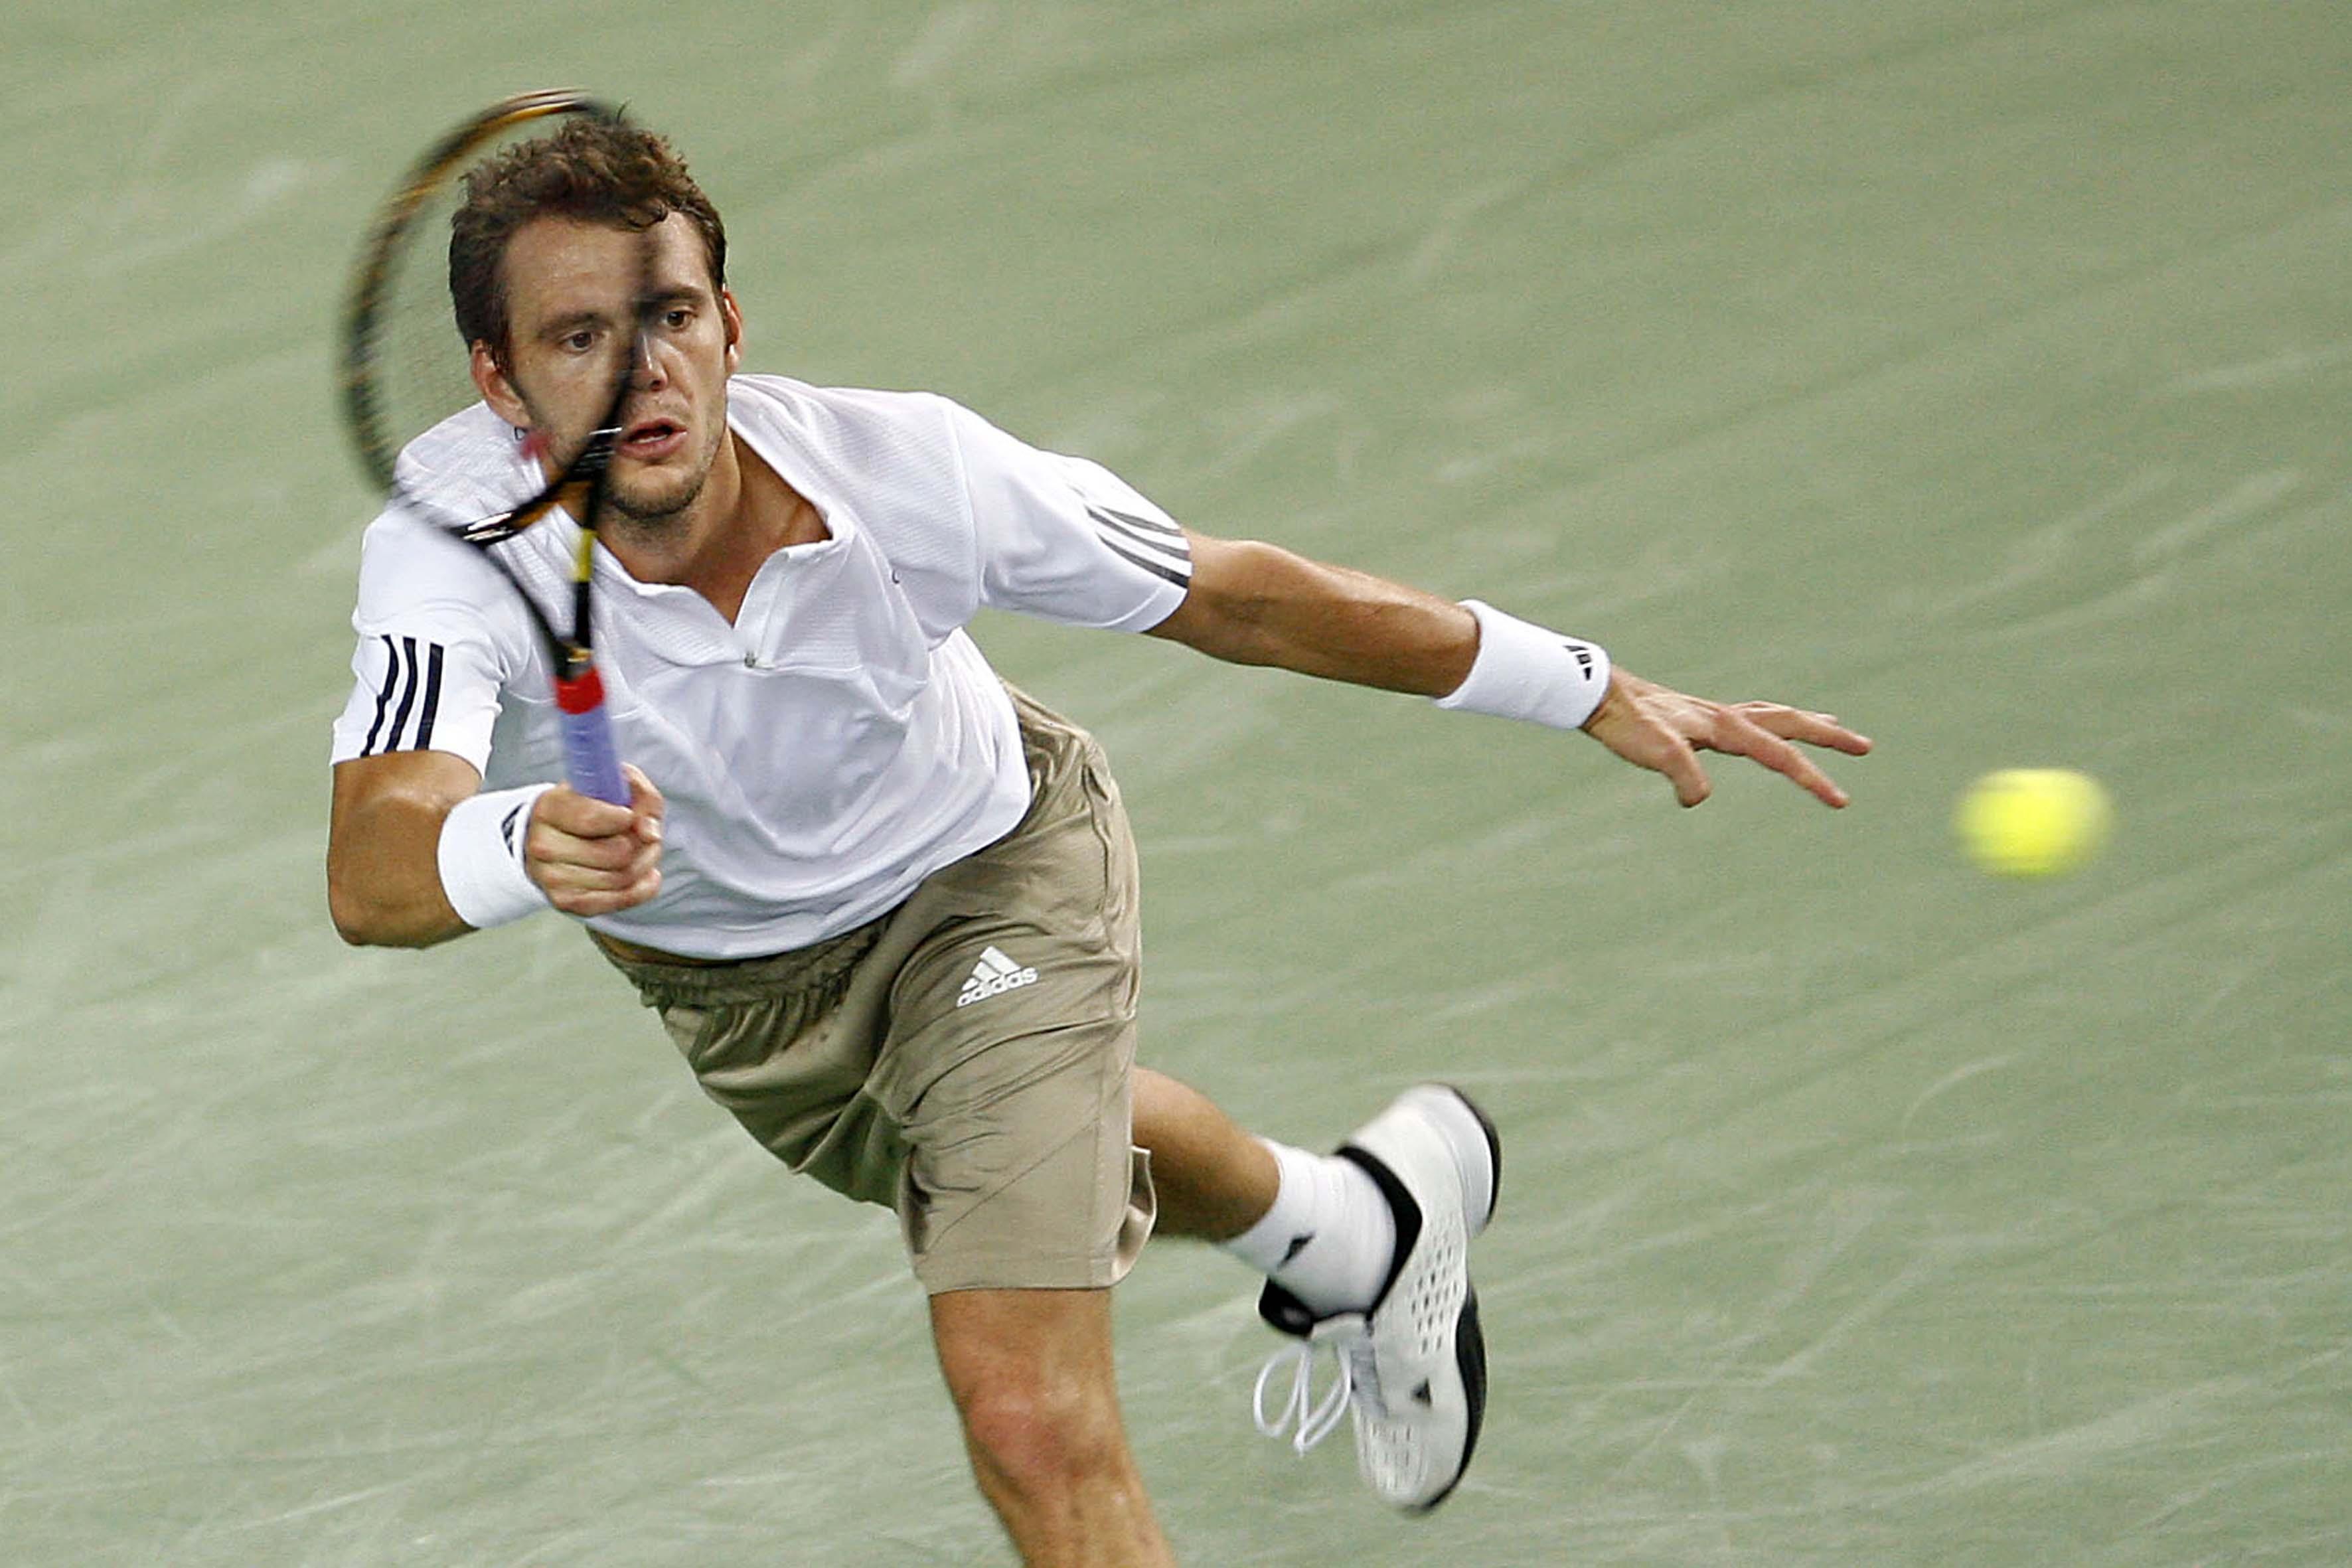 2009_marvaux_tennis_mathieu.jpg